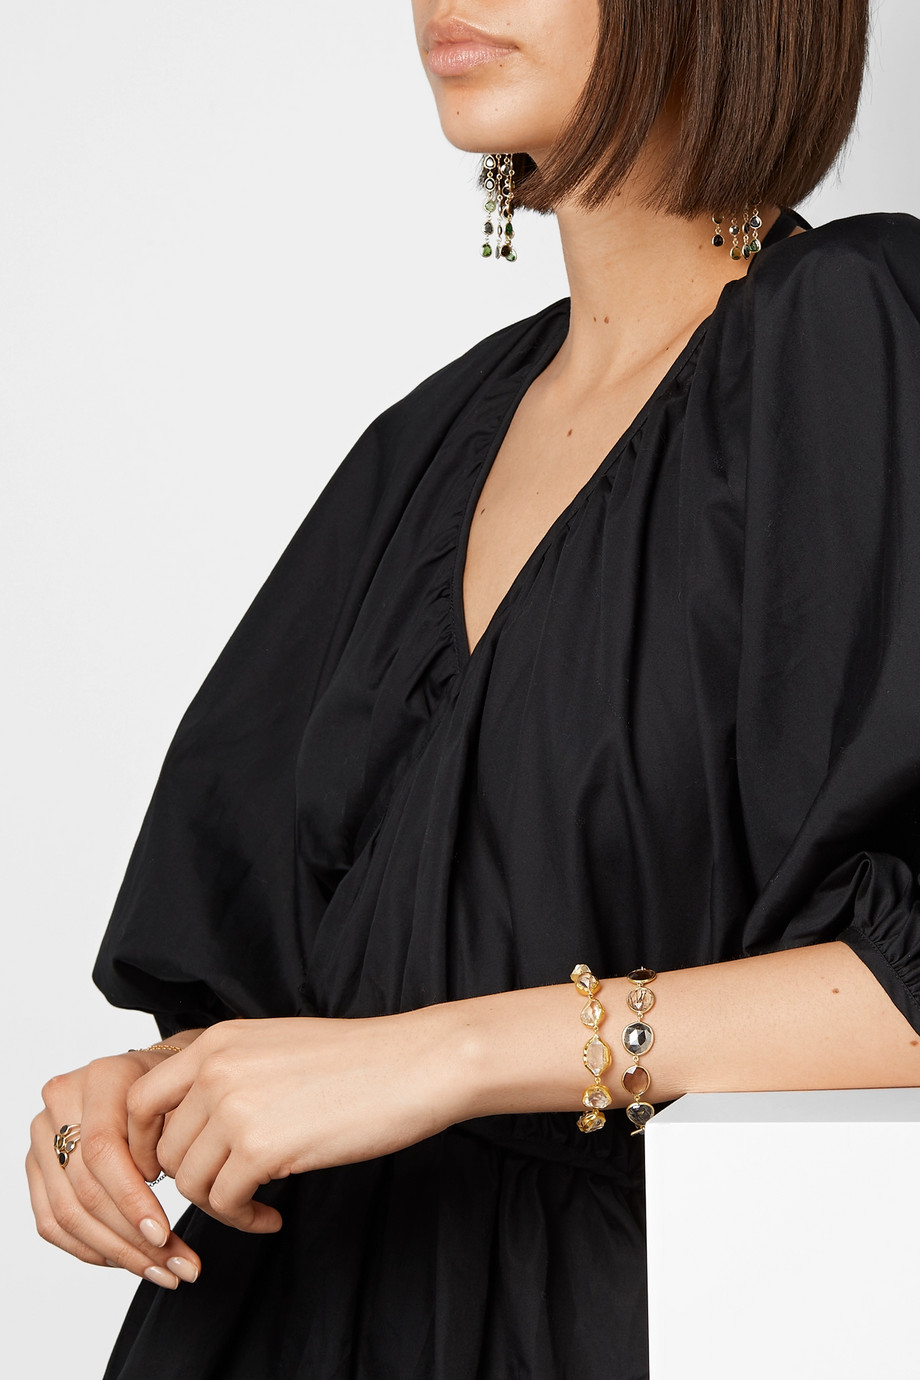 Pippa Small Bracelet en or 18 carats et pierres multiples